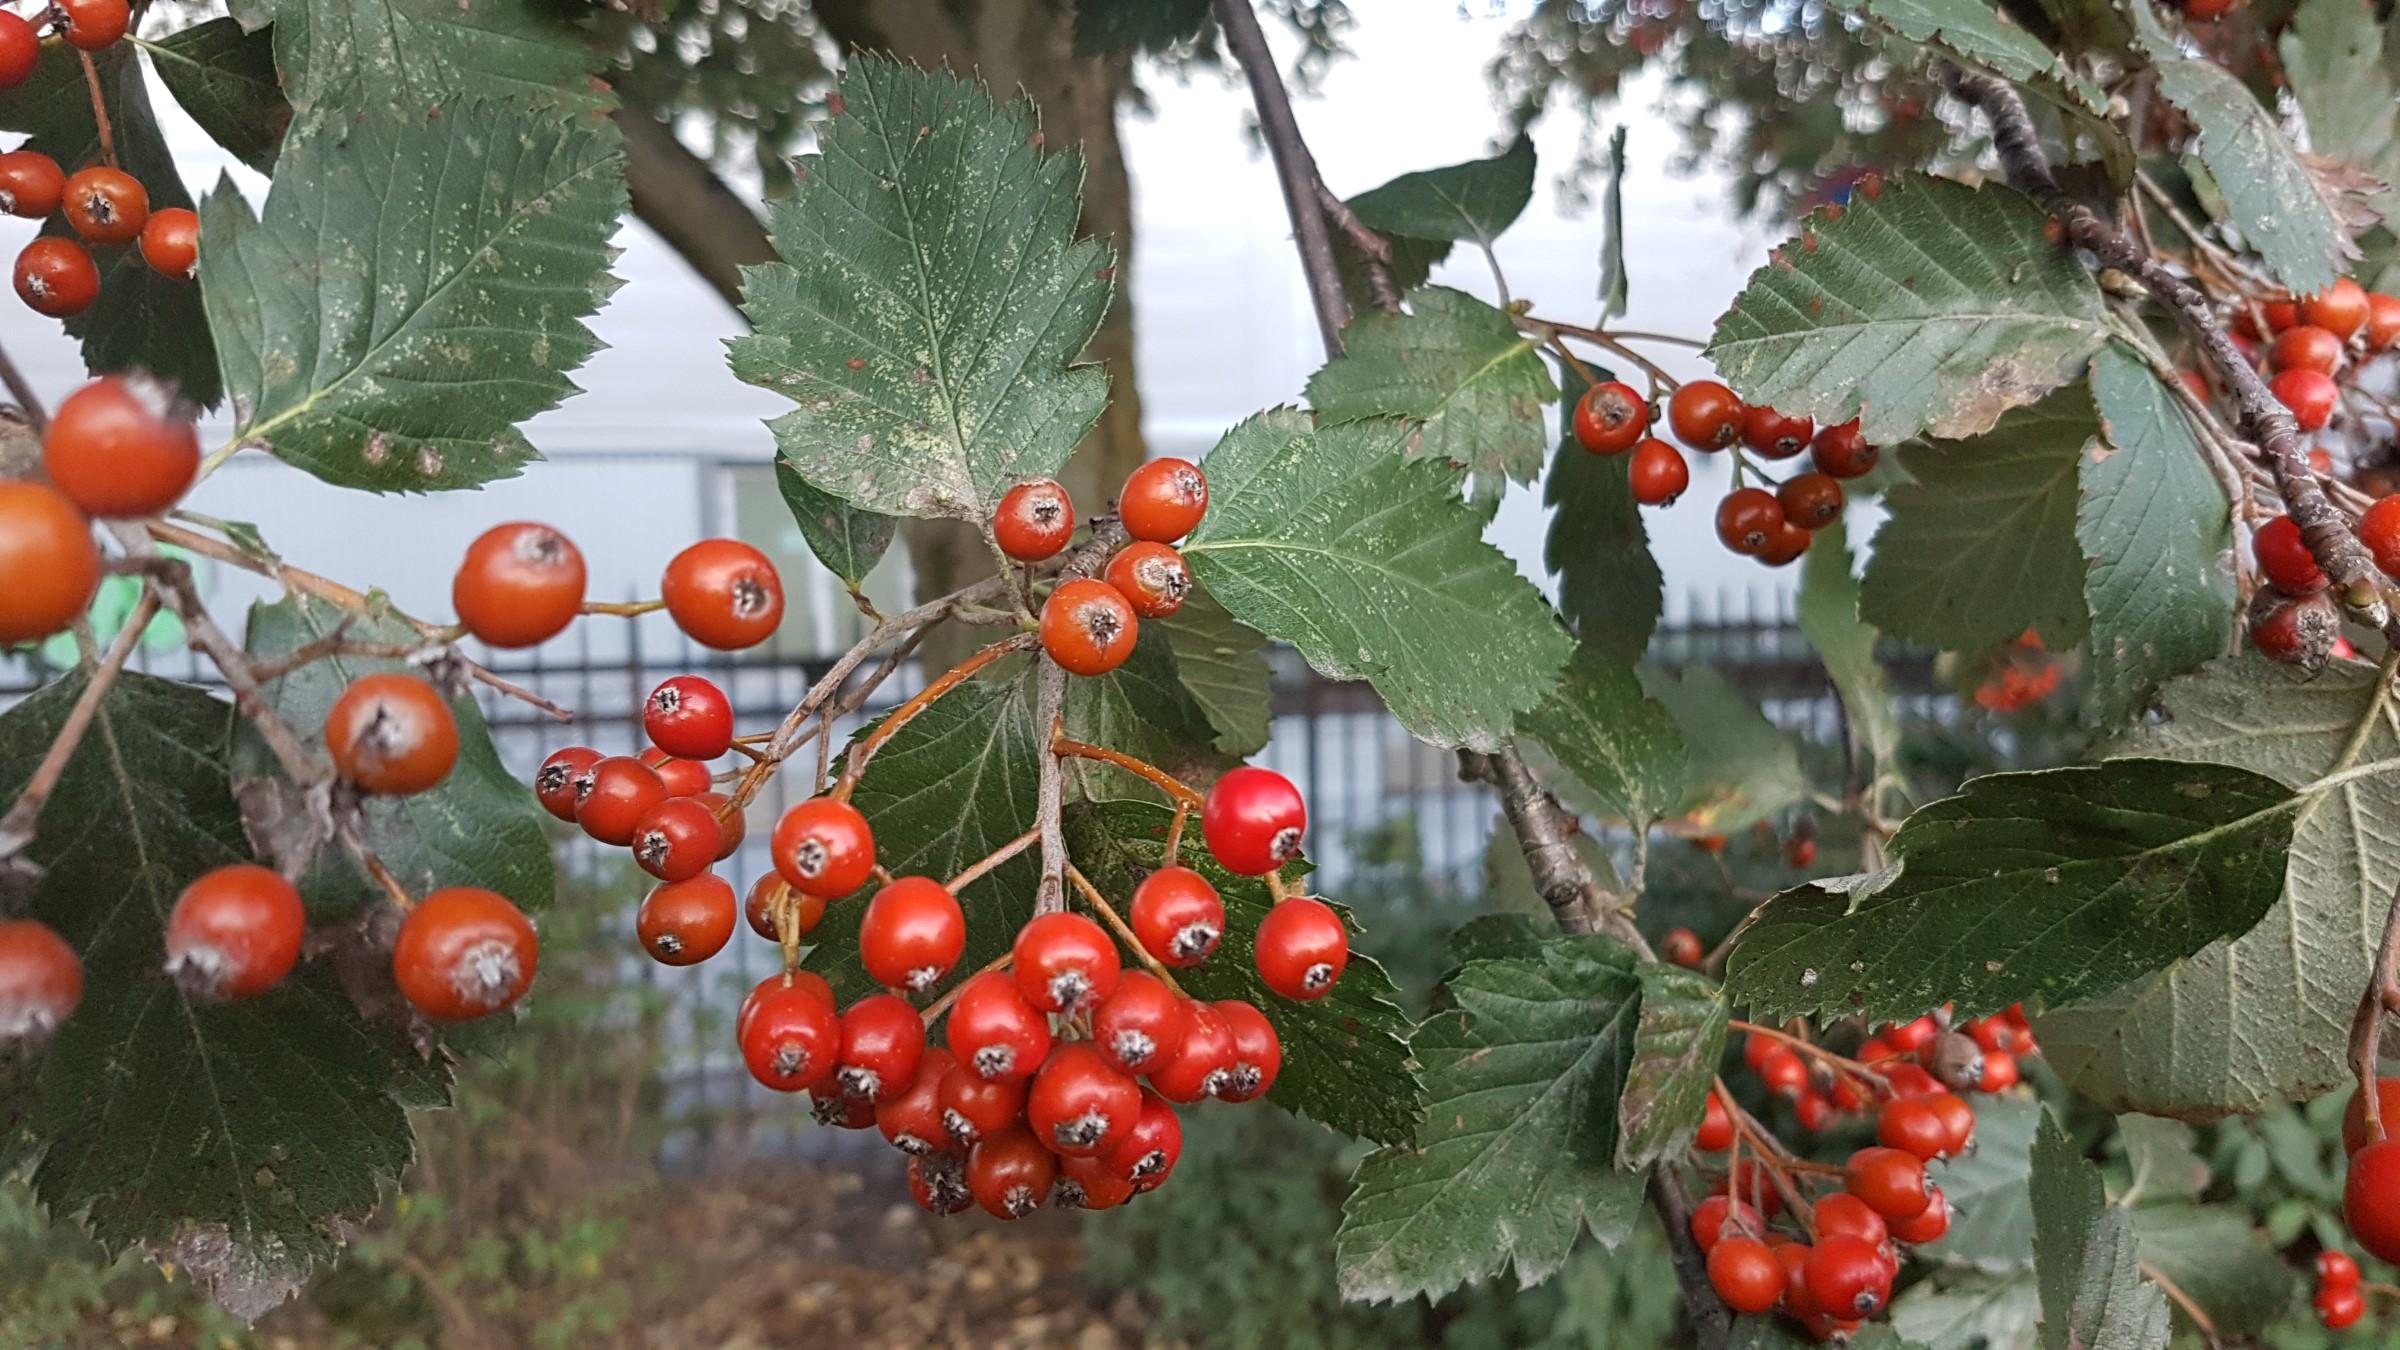 Svensk asal, røde bær i klaser på et tre